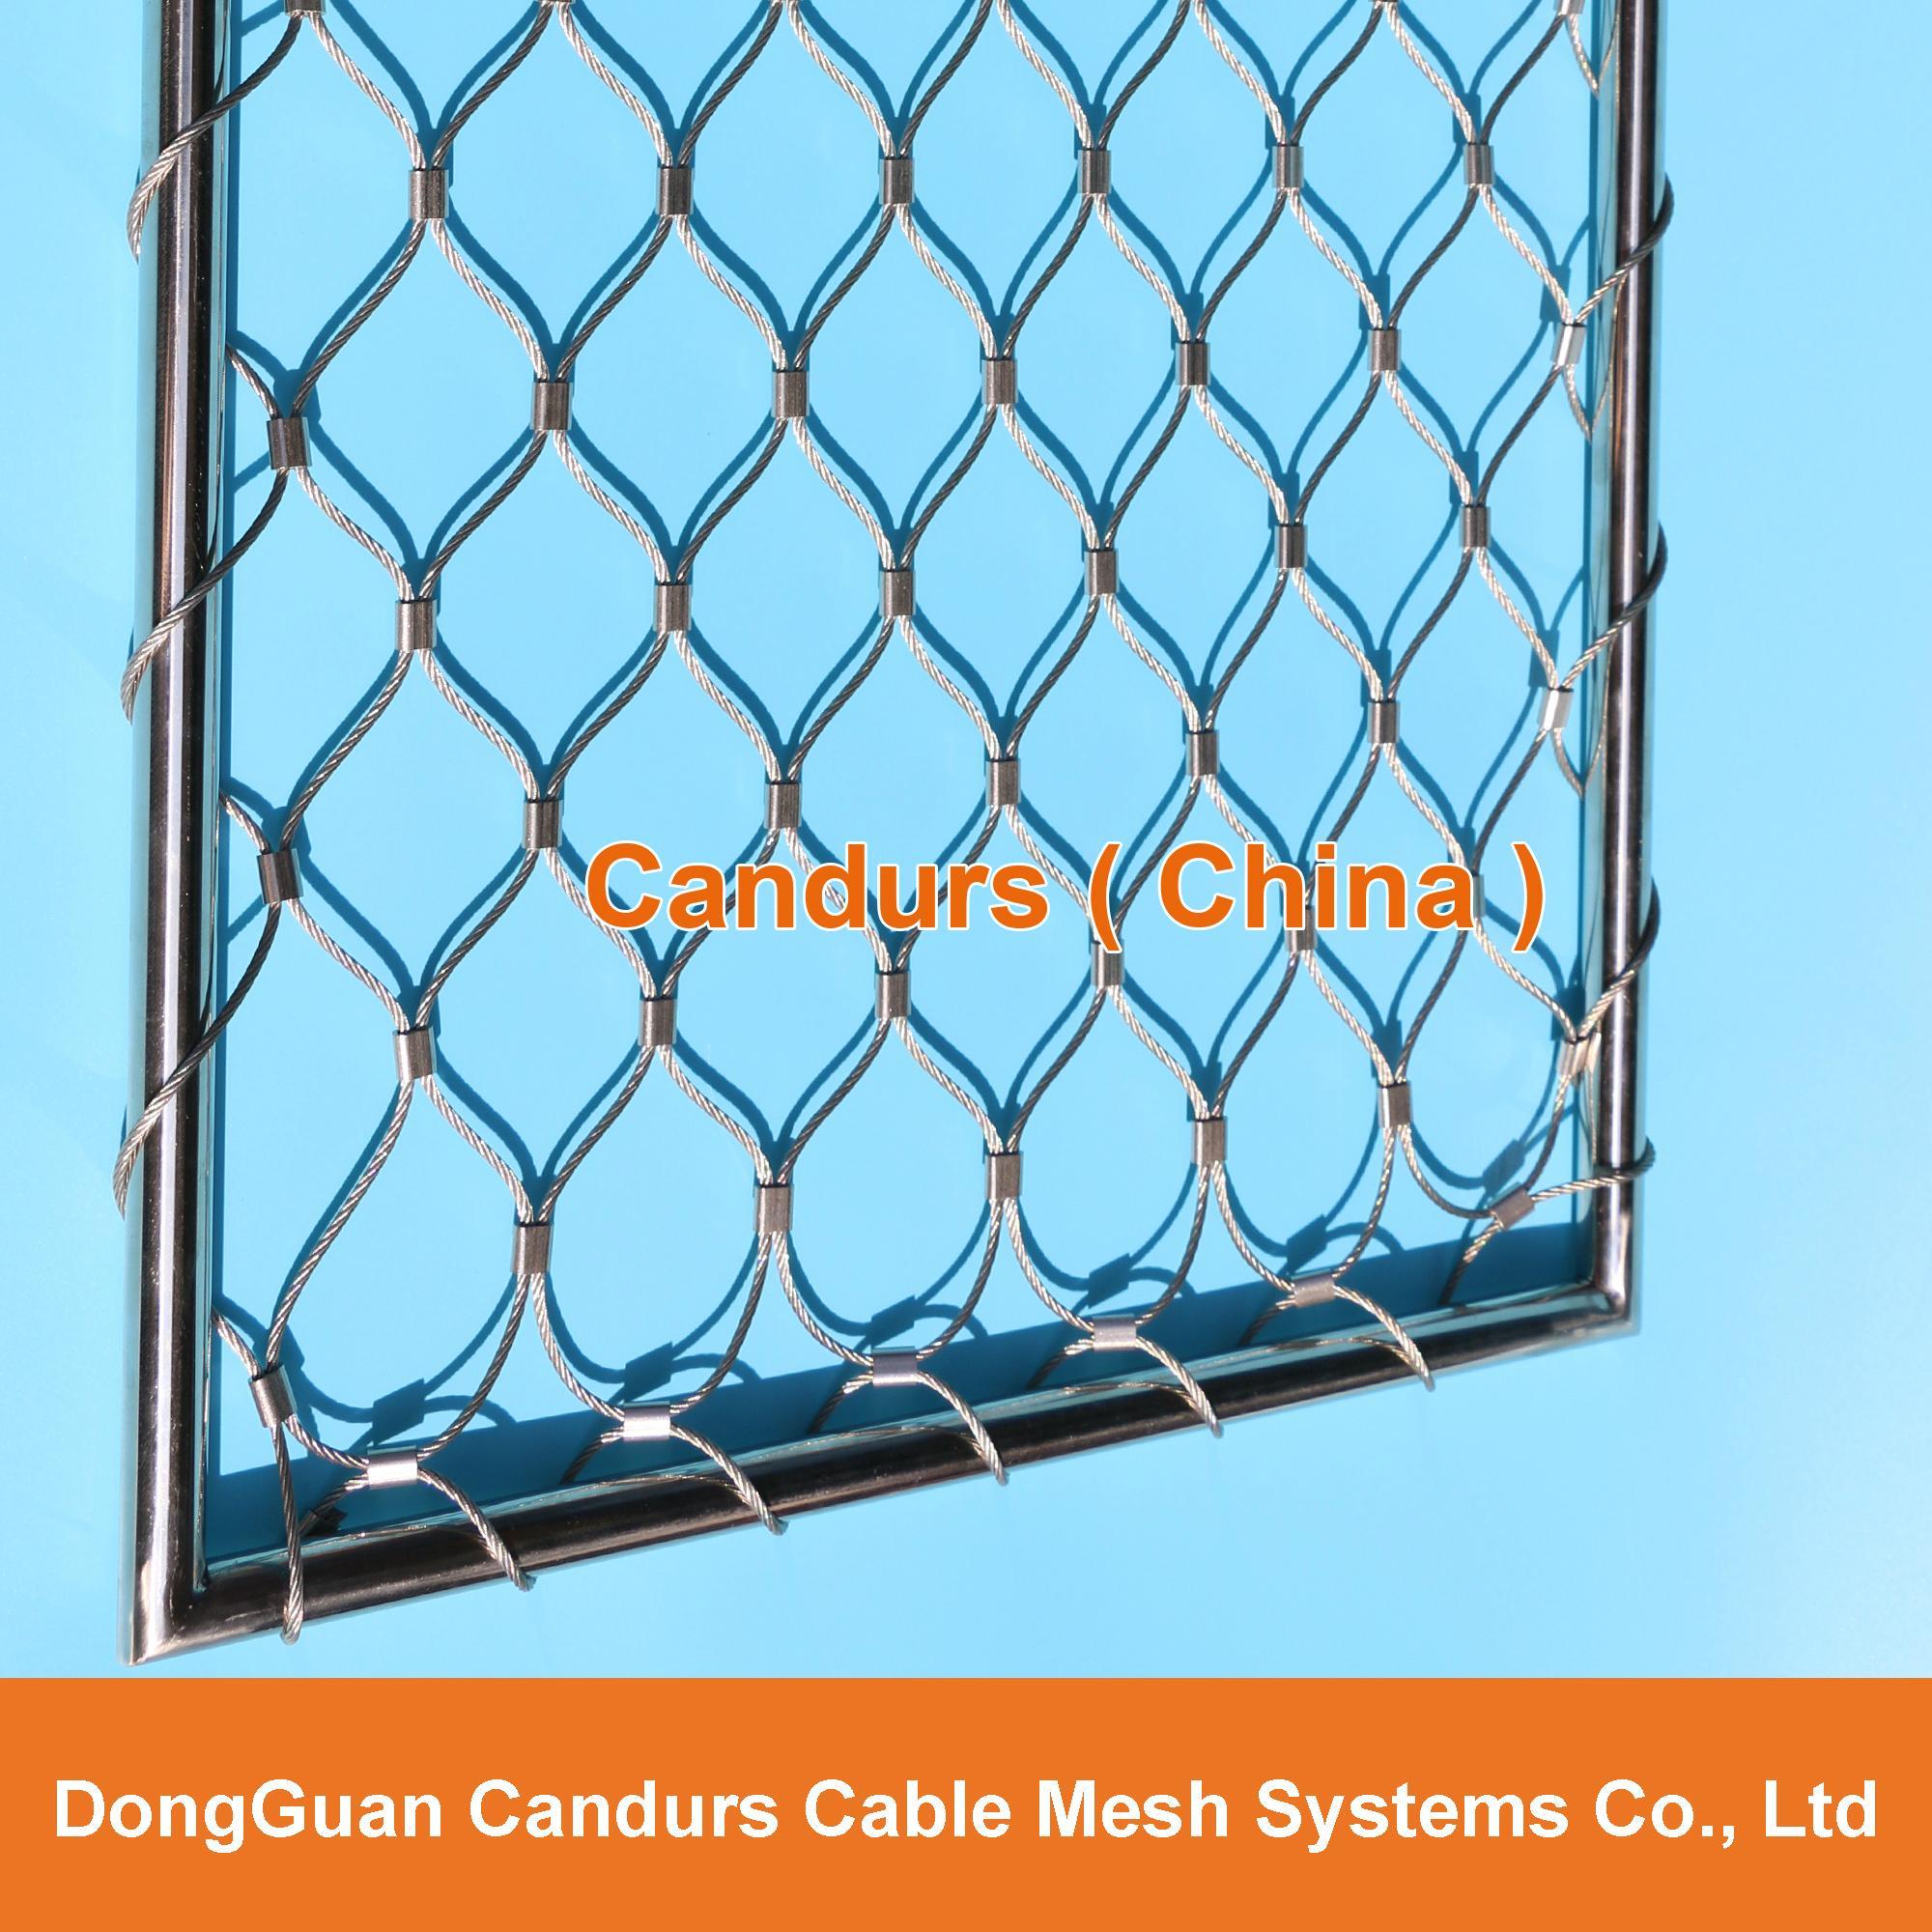 屋頂安全防護不鏽鋼繩網 18